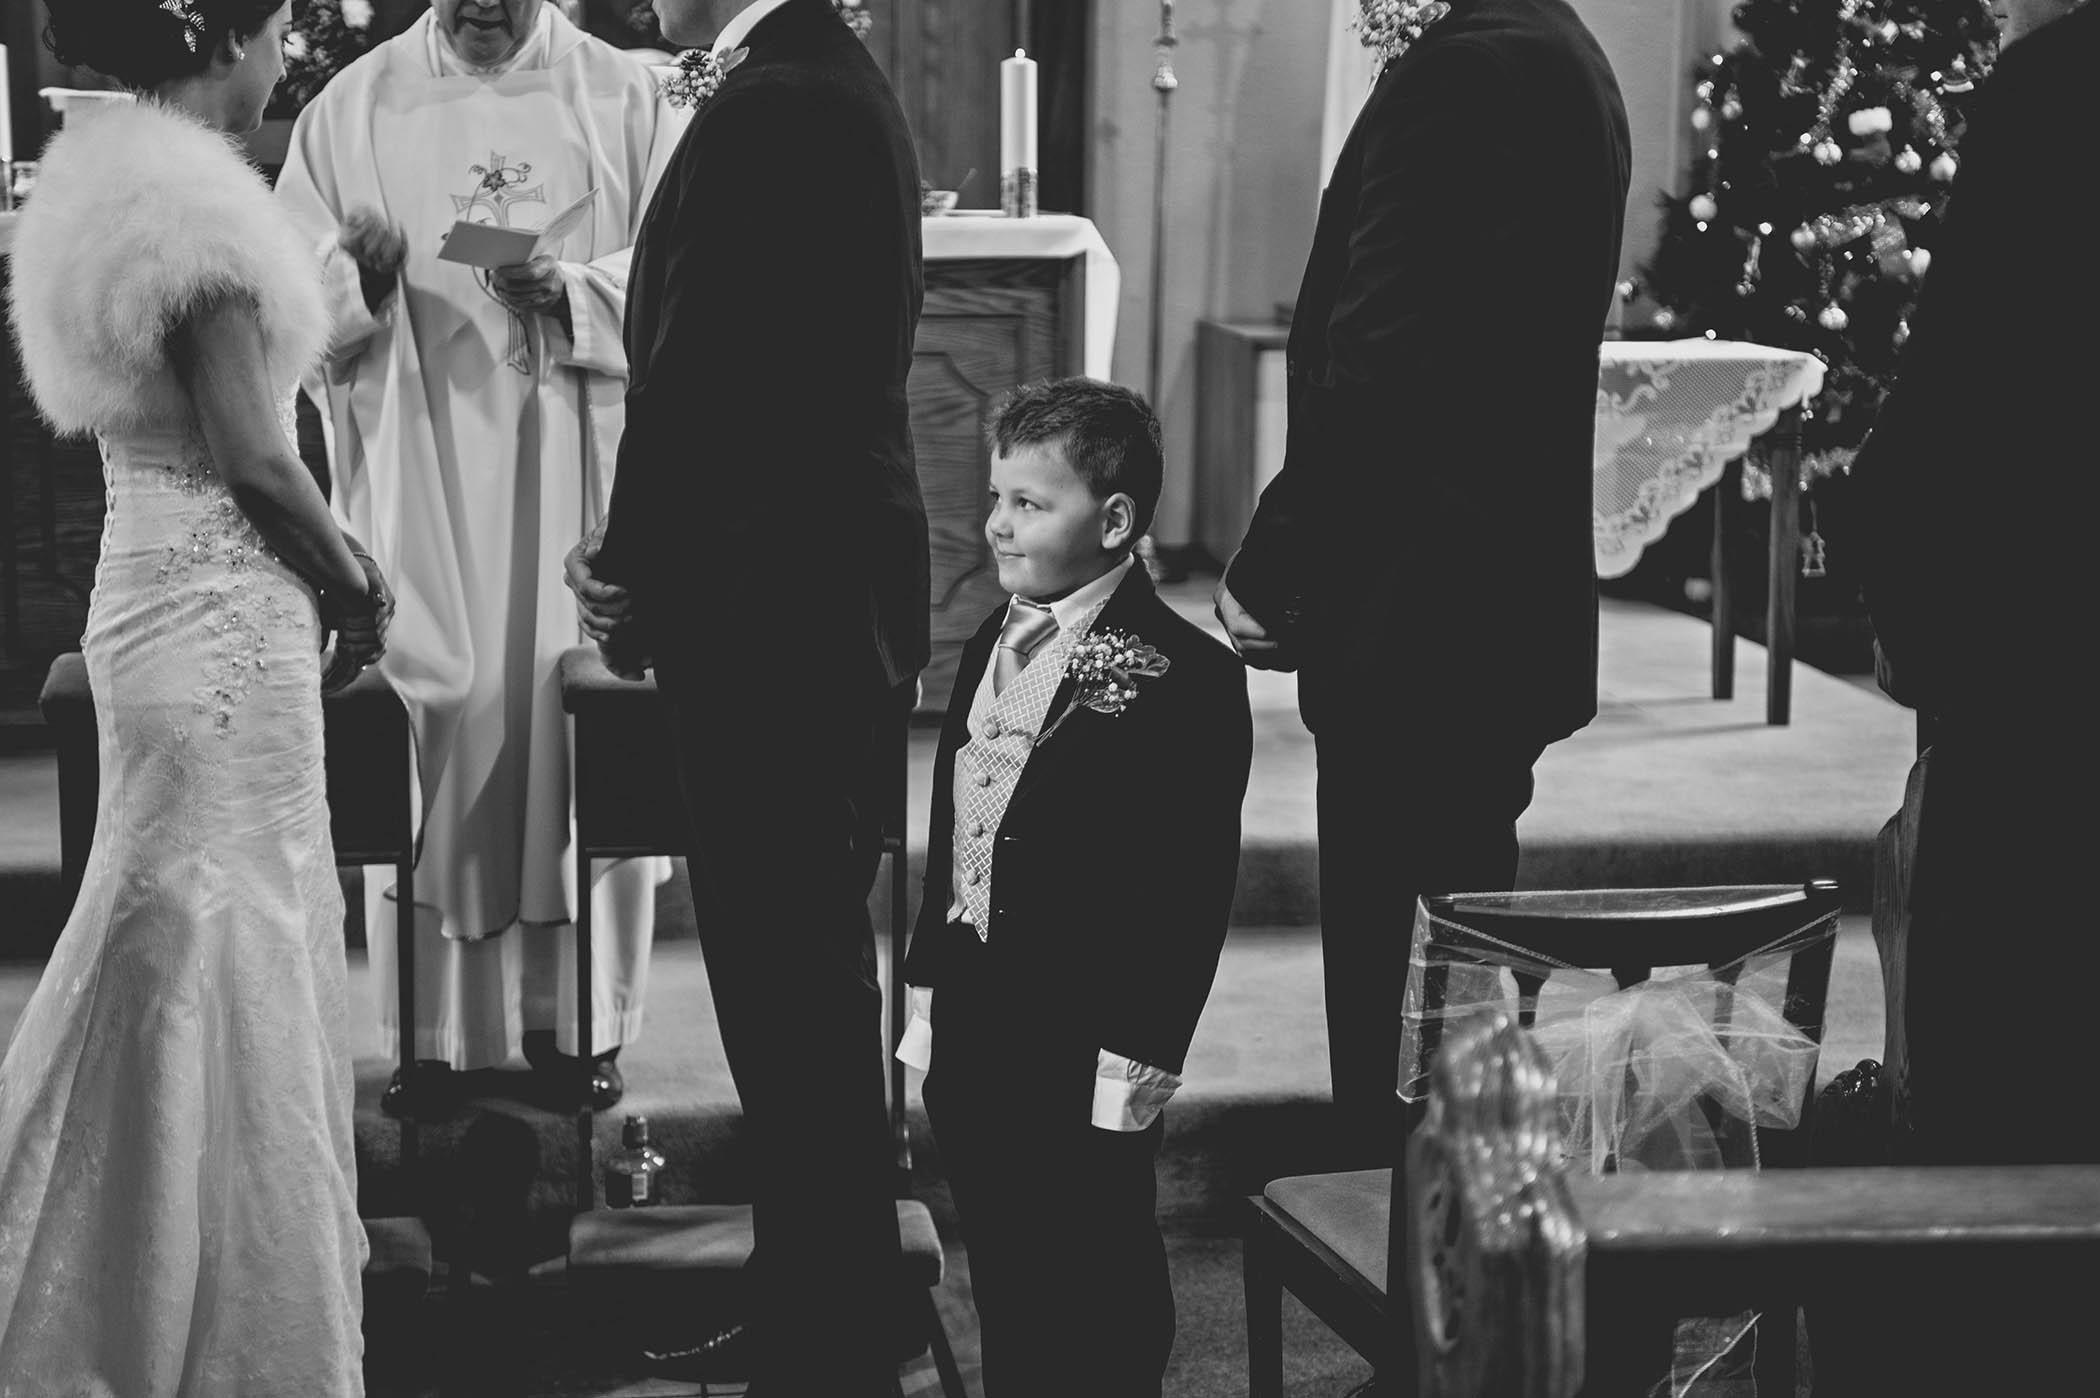 Horetown House wedding ceremony 2014